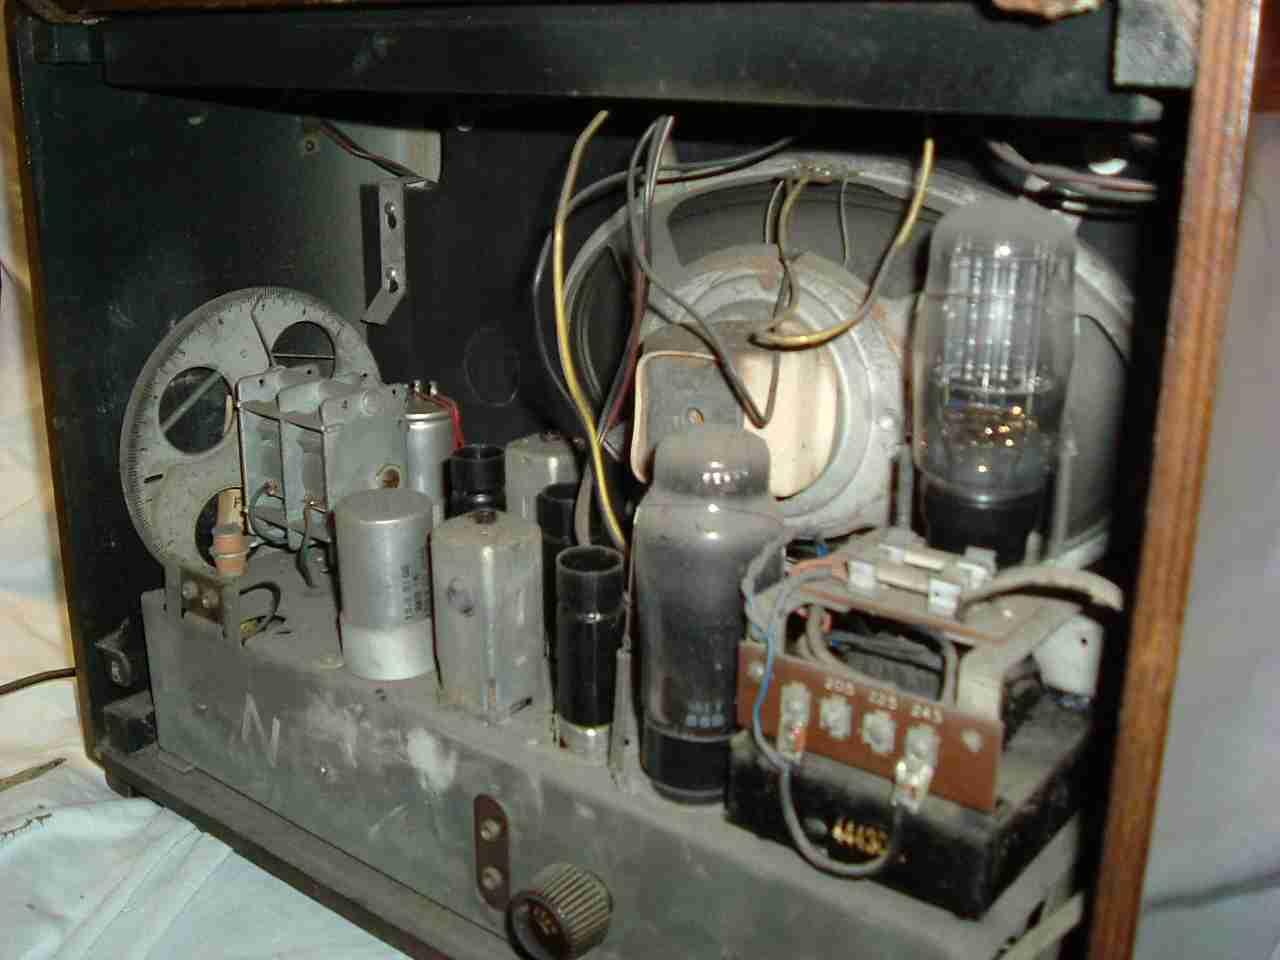 hight resolution of delco electronics radio wiring delco electronics radio wiring diagram bmw c33 radios delphi delco radios wiring